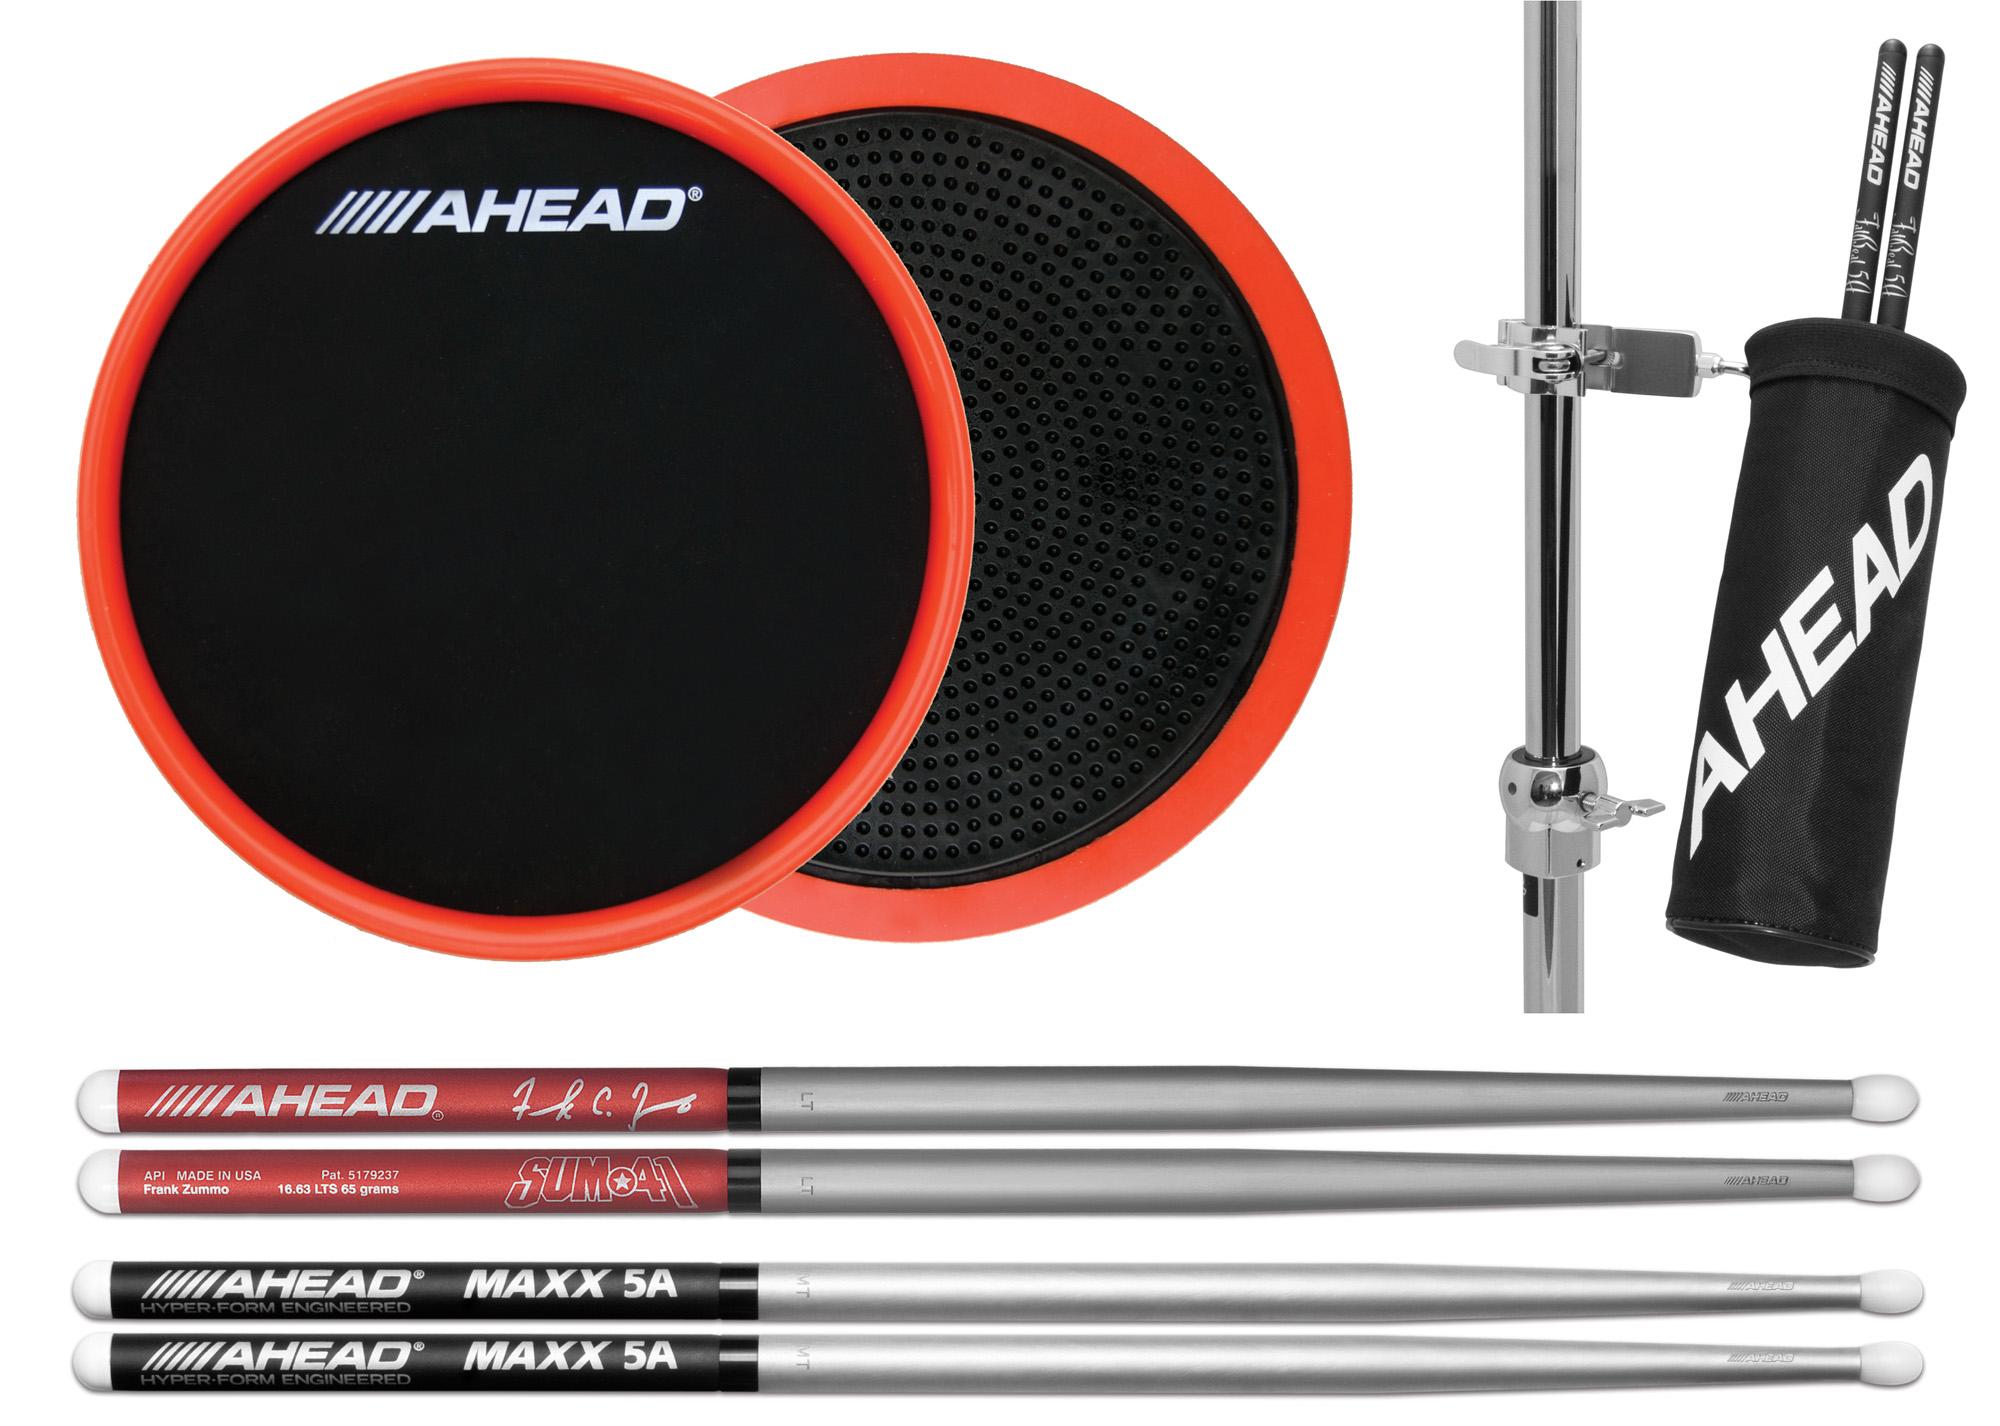 Ahead MAXX 5A Drum Sticks AM5A